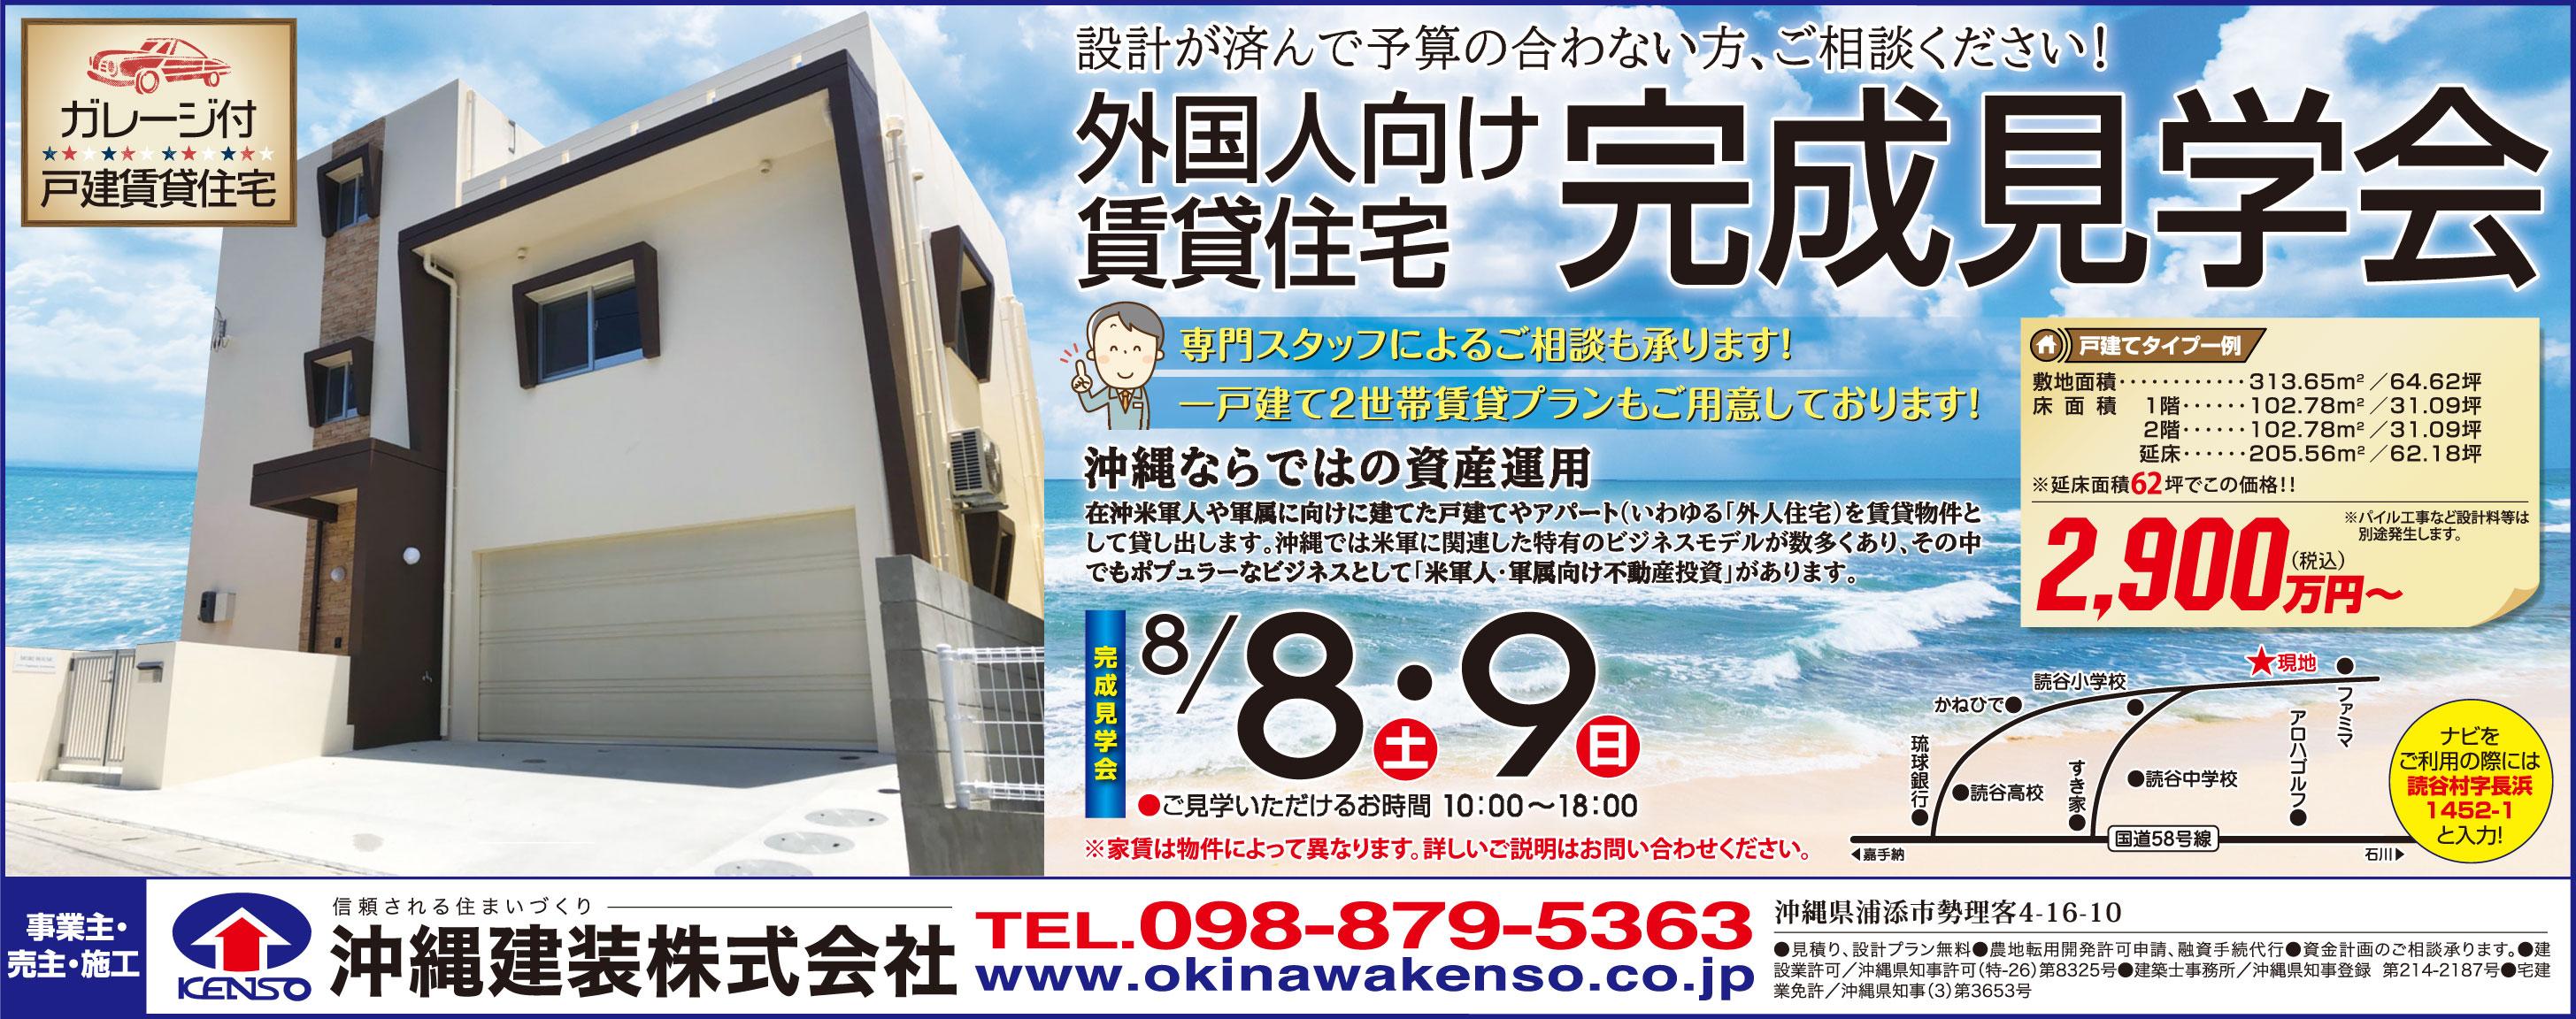 外国人向け賃貸住宅 完成見学会